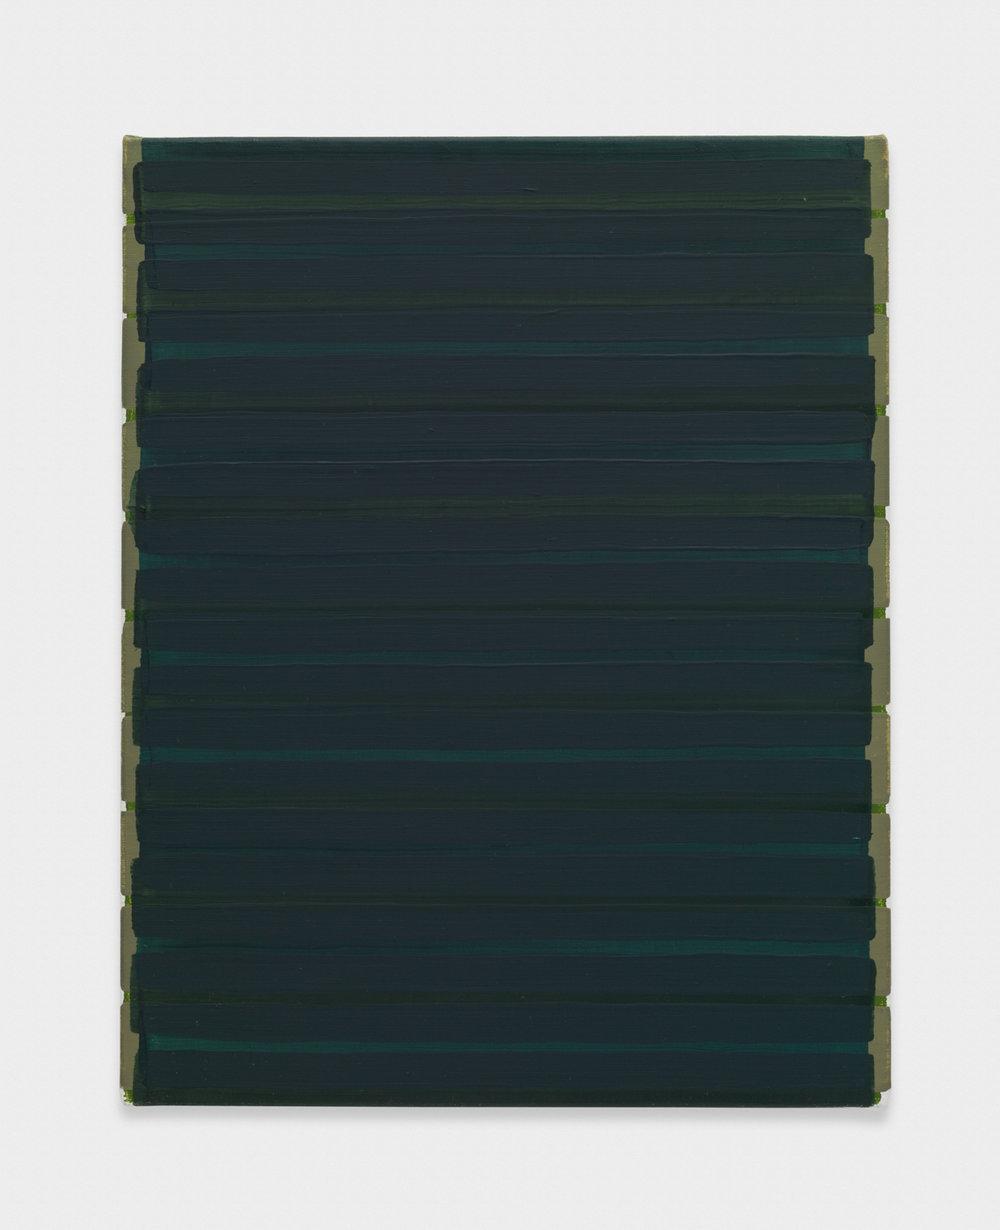 Yui Yaegashi  by turns  2017 Oil on canvas 9 ⅝h x 7 ½w in YY104